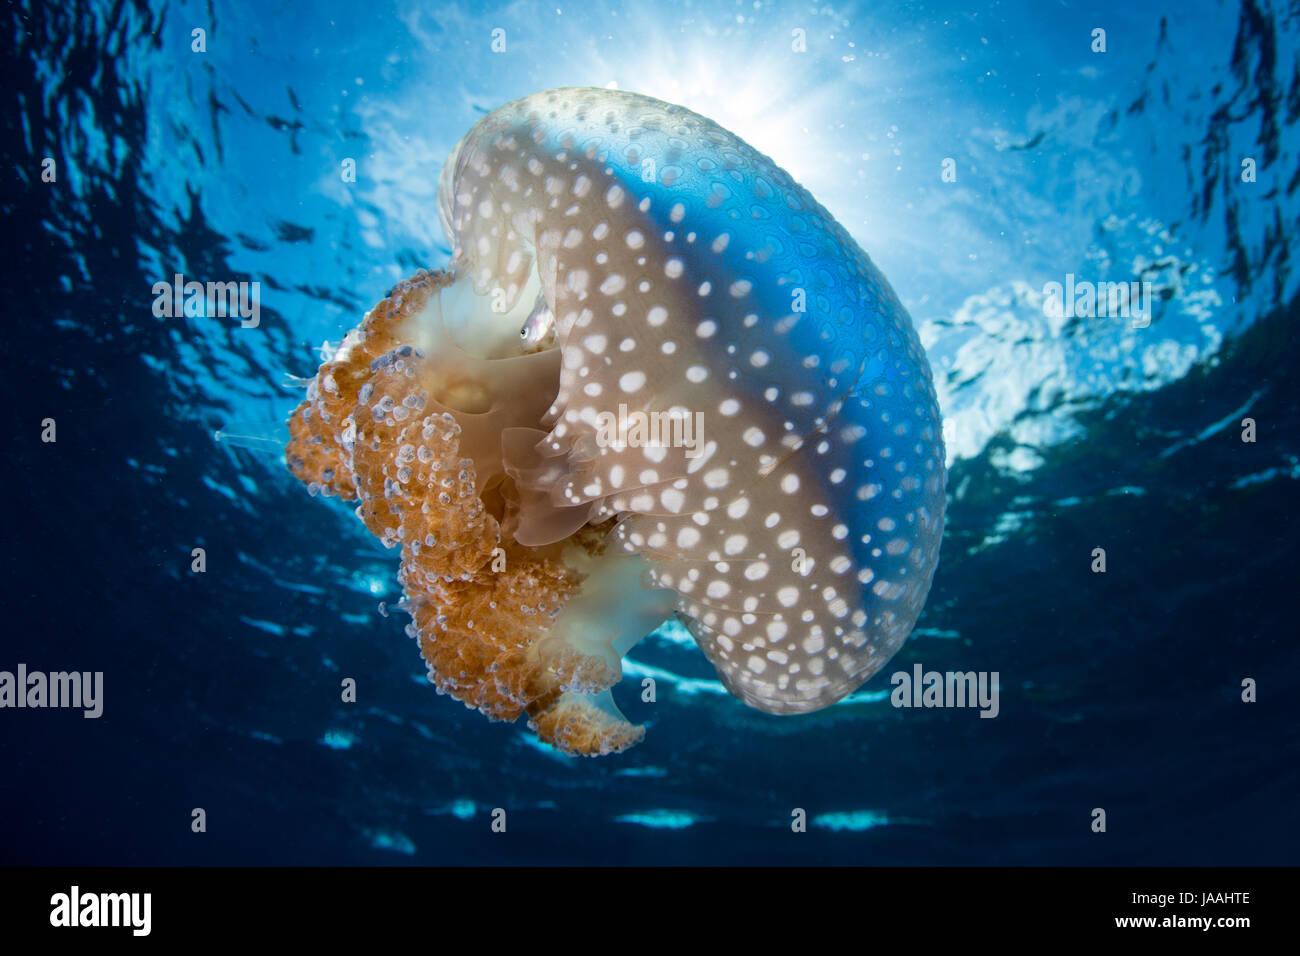 Sol siluetas un hermoso medusas, Thysanostoma sp., como vaga por las aguas tropicales de Indonesia. Foto de stock